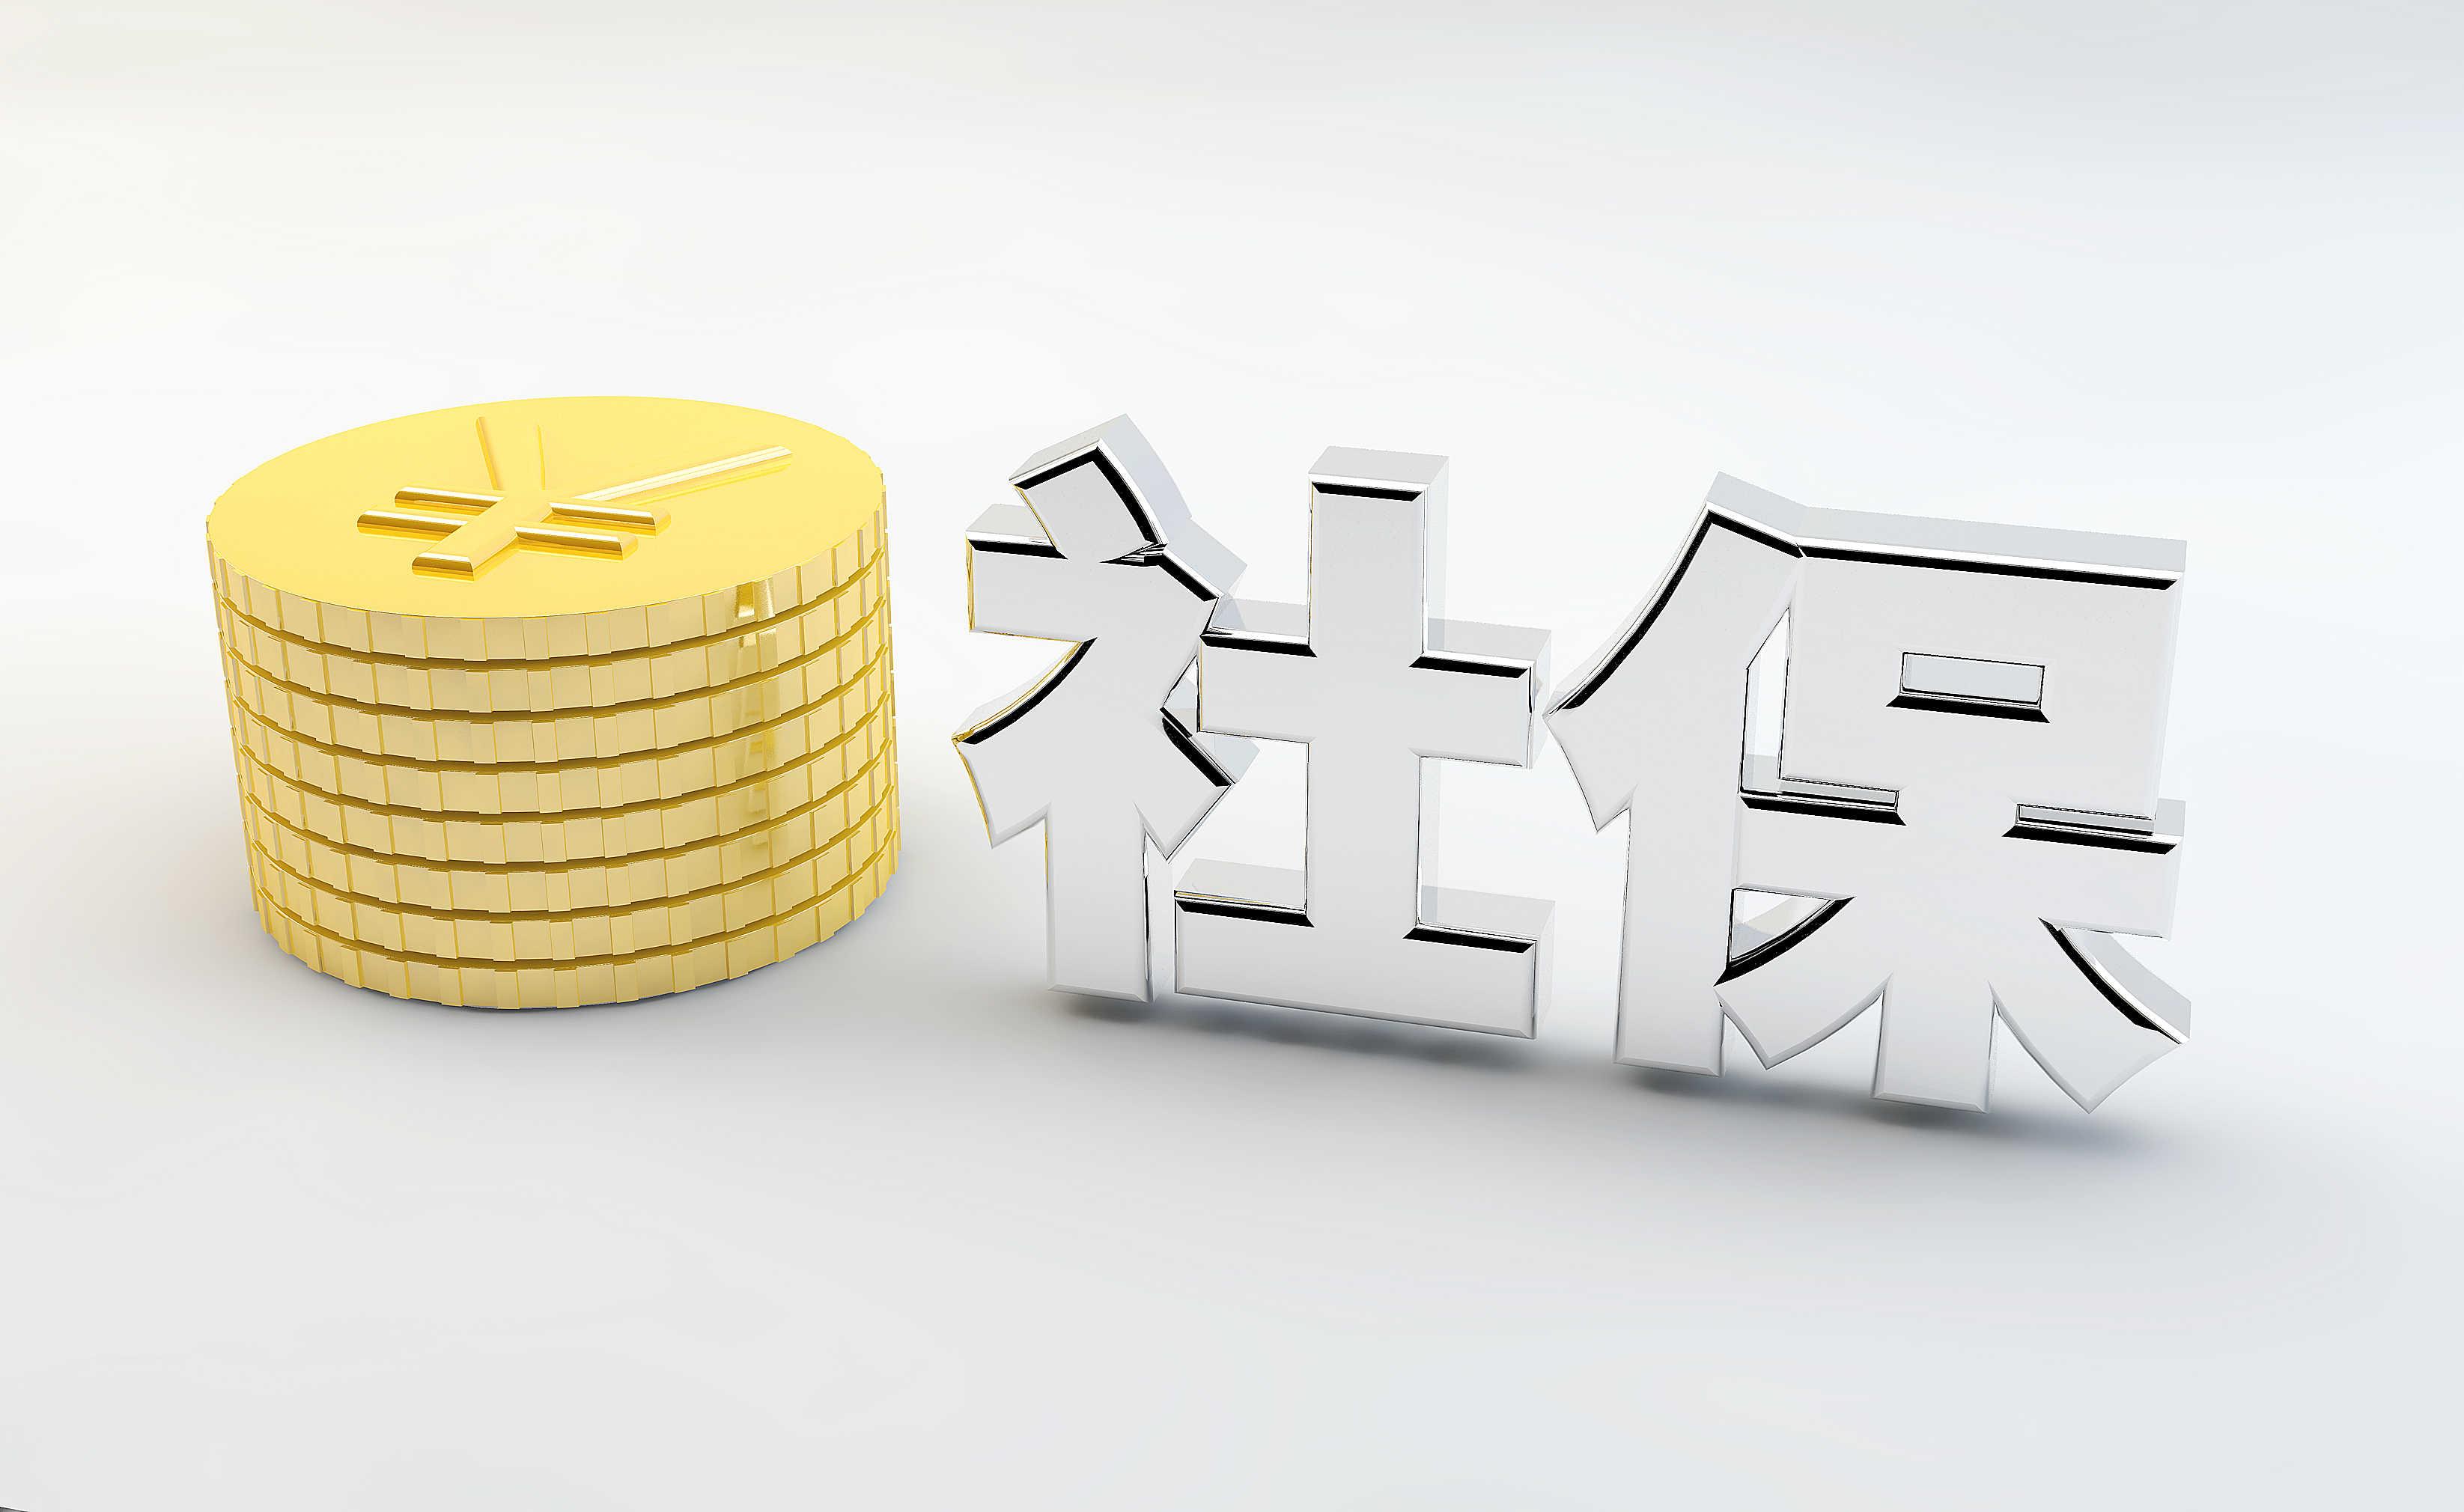 关于企业缴纳社保及逾期缴纳的法律规定